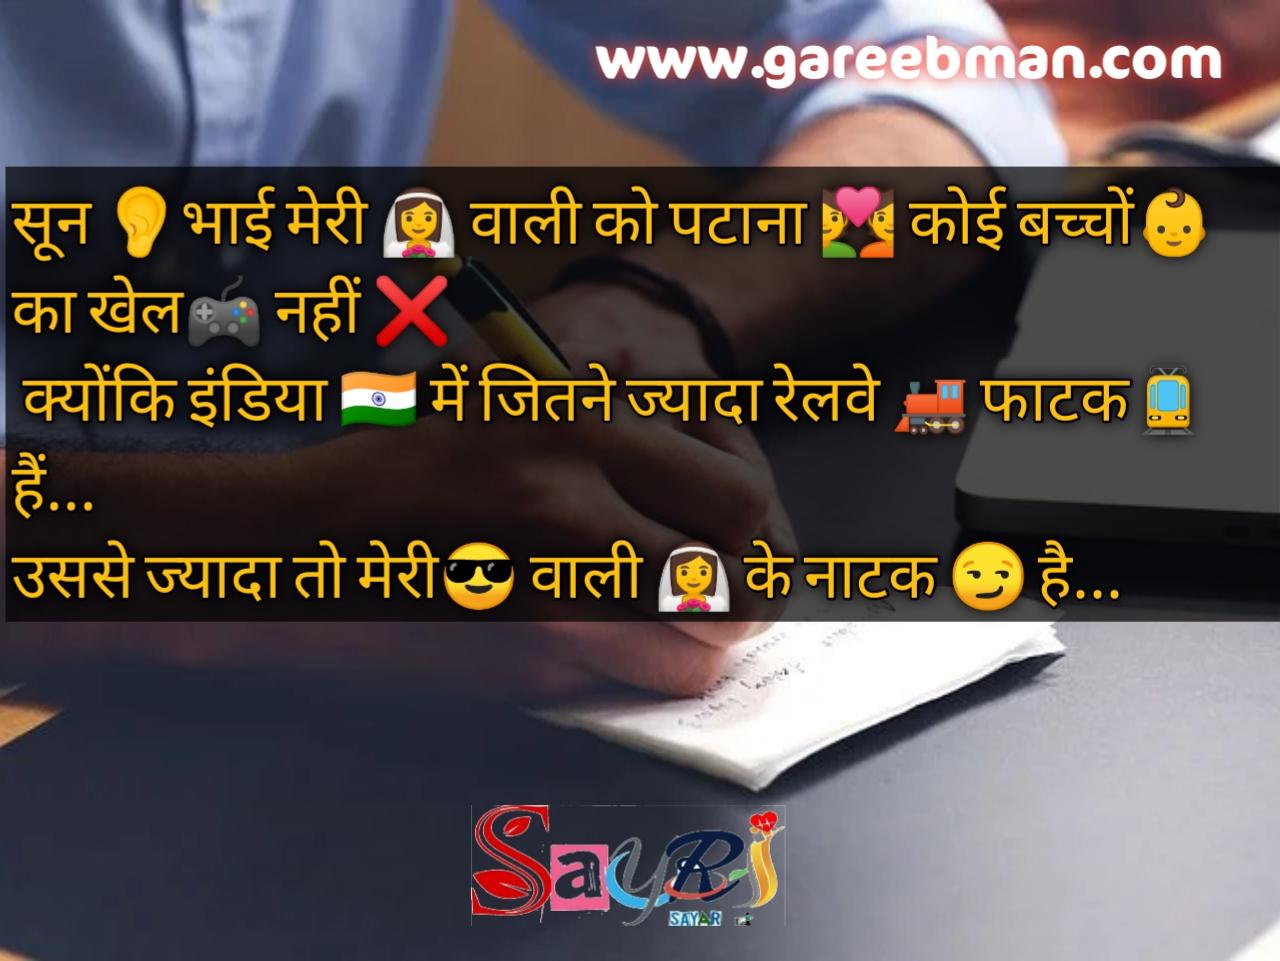 boys attitude image shayari hindi new